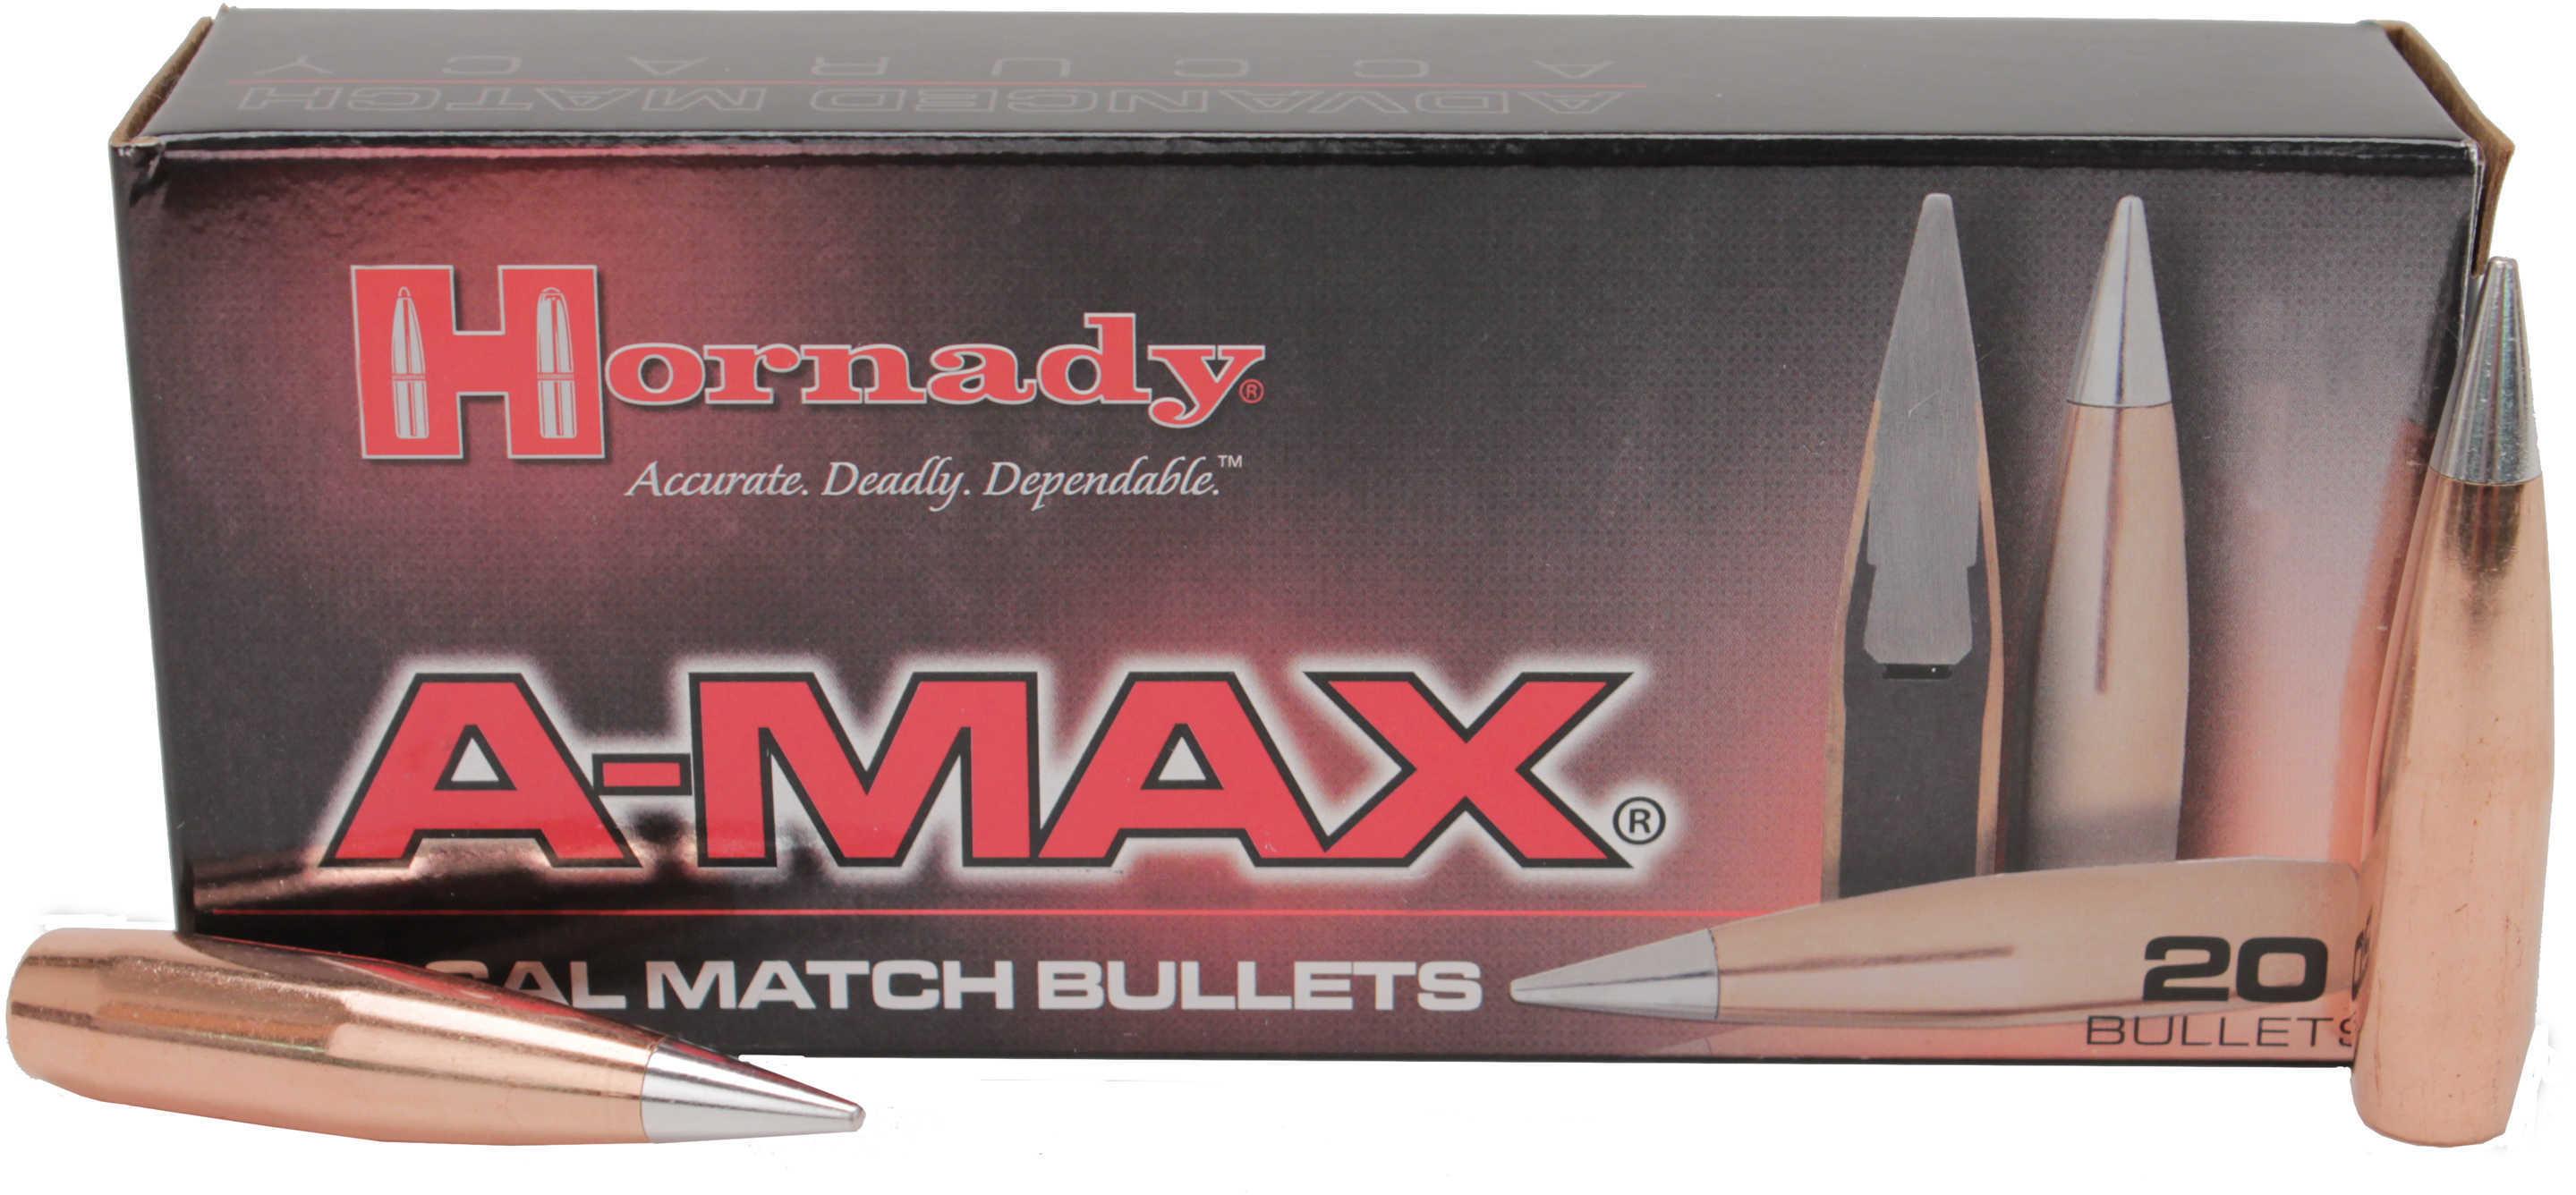 Hornady 50 Caliber 750 Grain A-Max Per 20 Md: 5165 Bullets